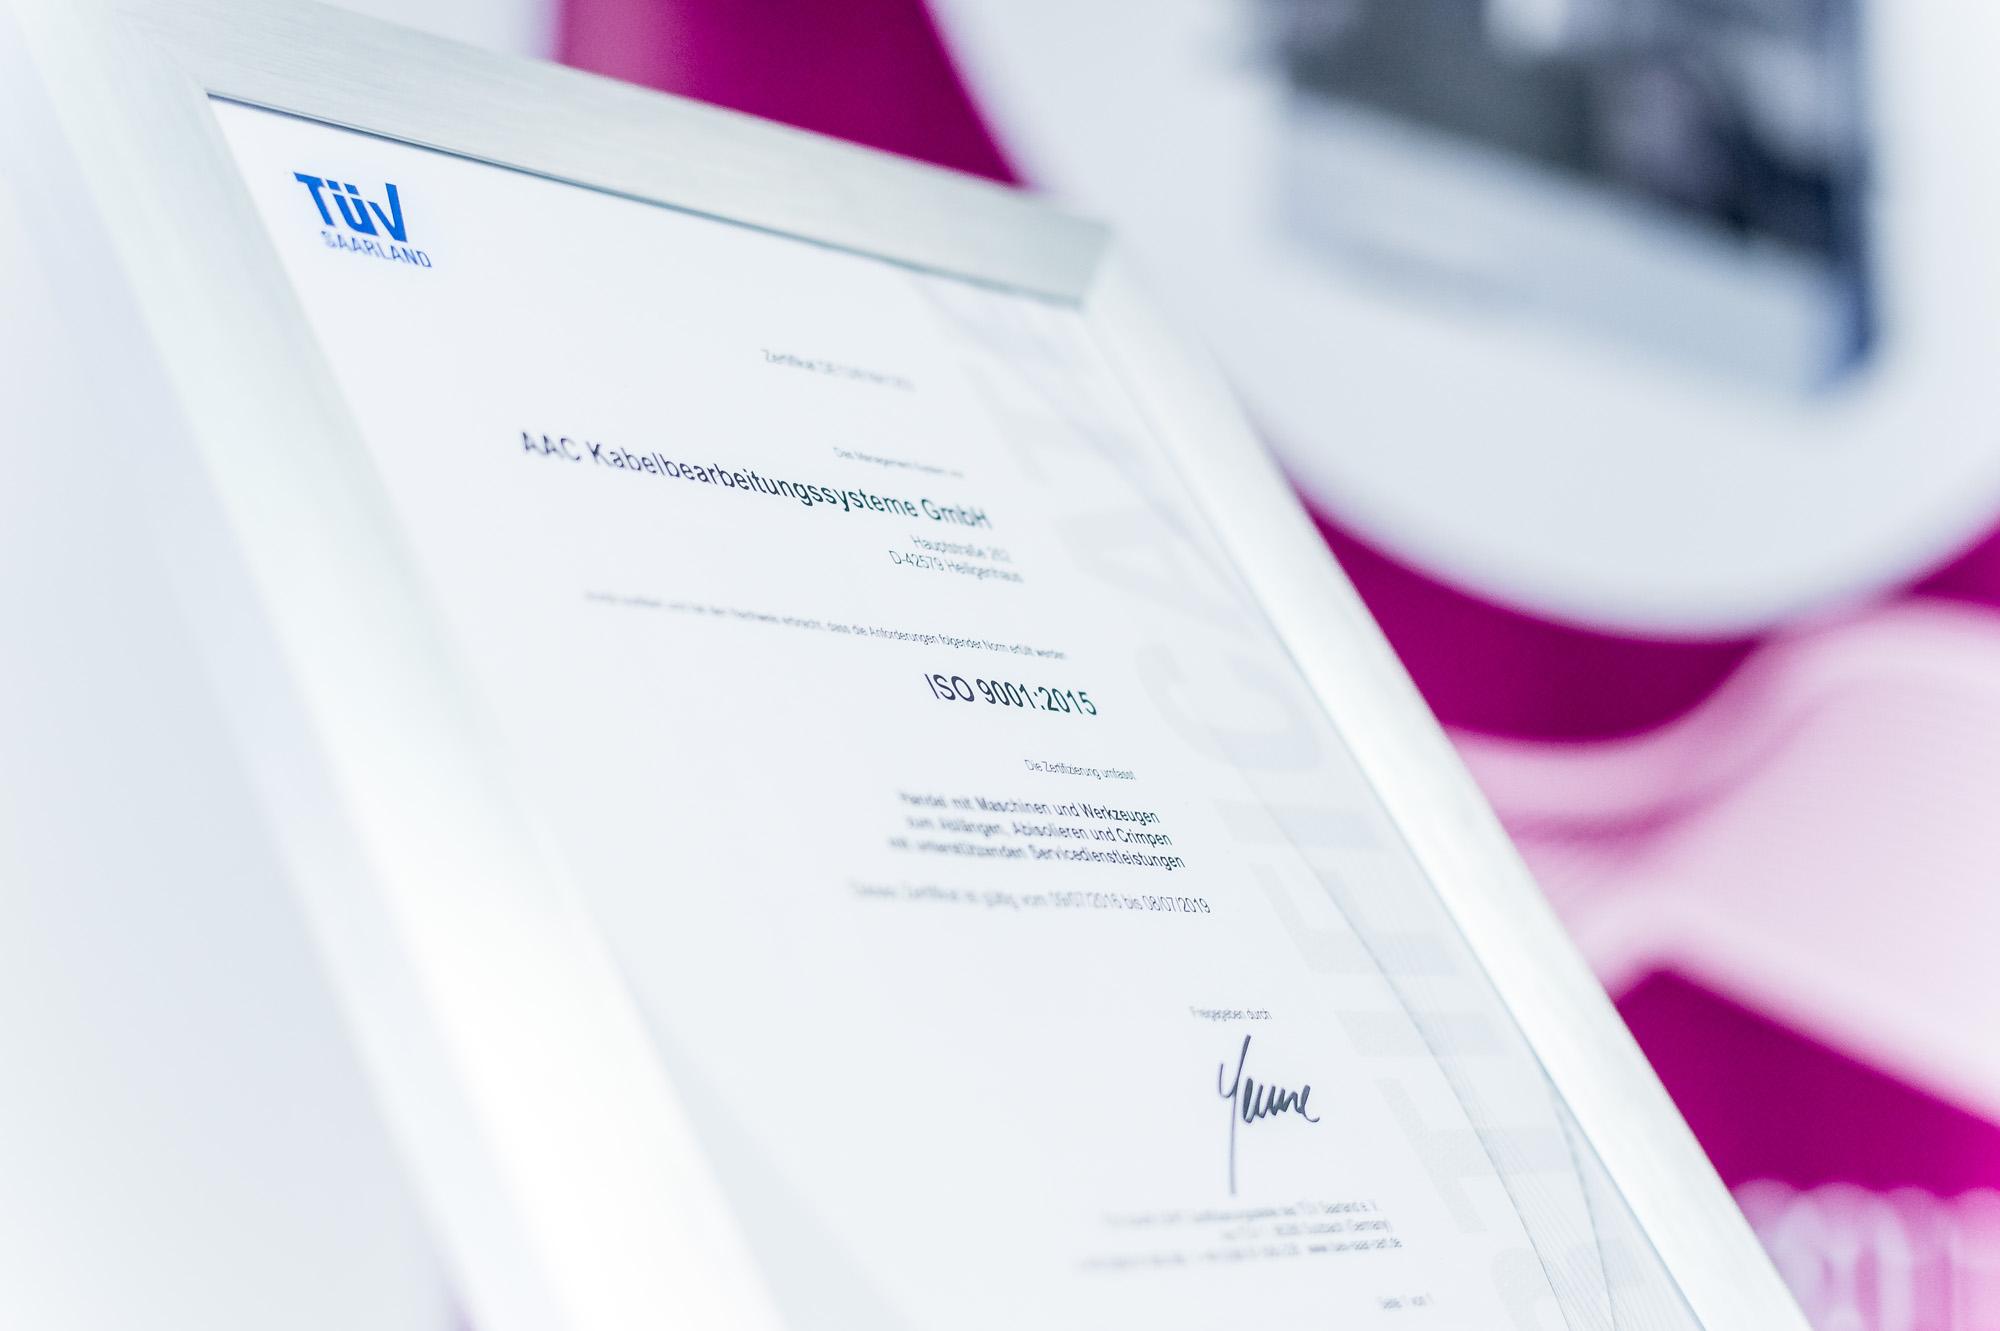 Unsere Prozesse und Abläufe sind natürlich nach ISO 9001 zertifiziert. Die Zertifizierung wird kontinuierlich beobachtet und erneuert.